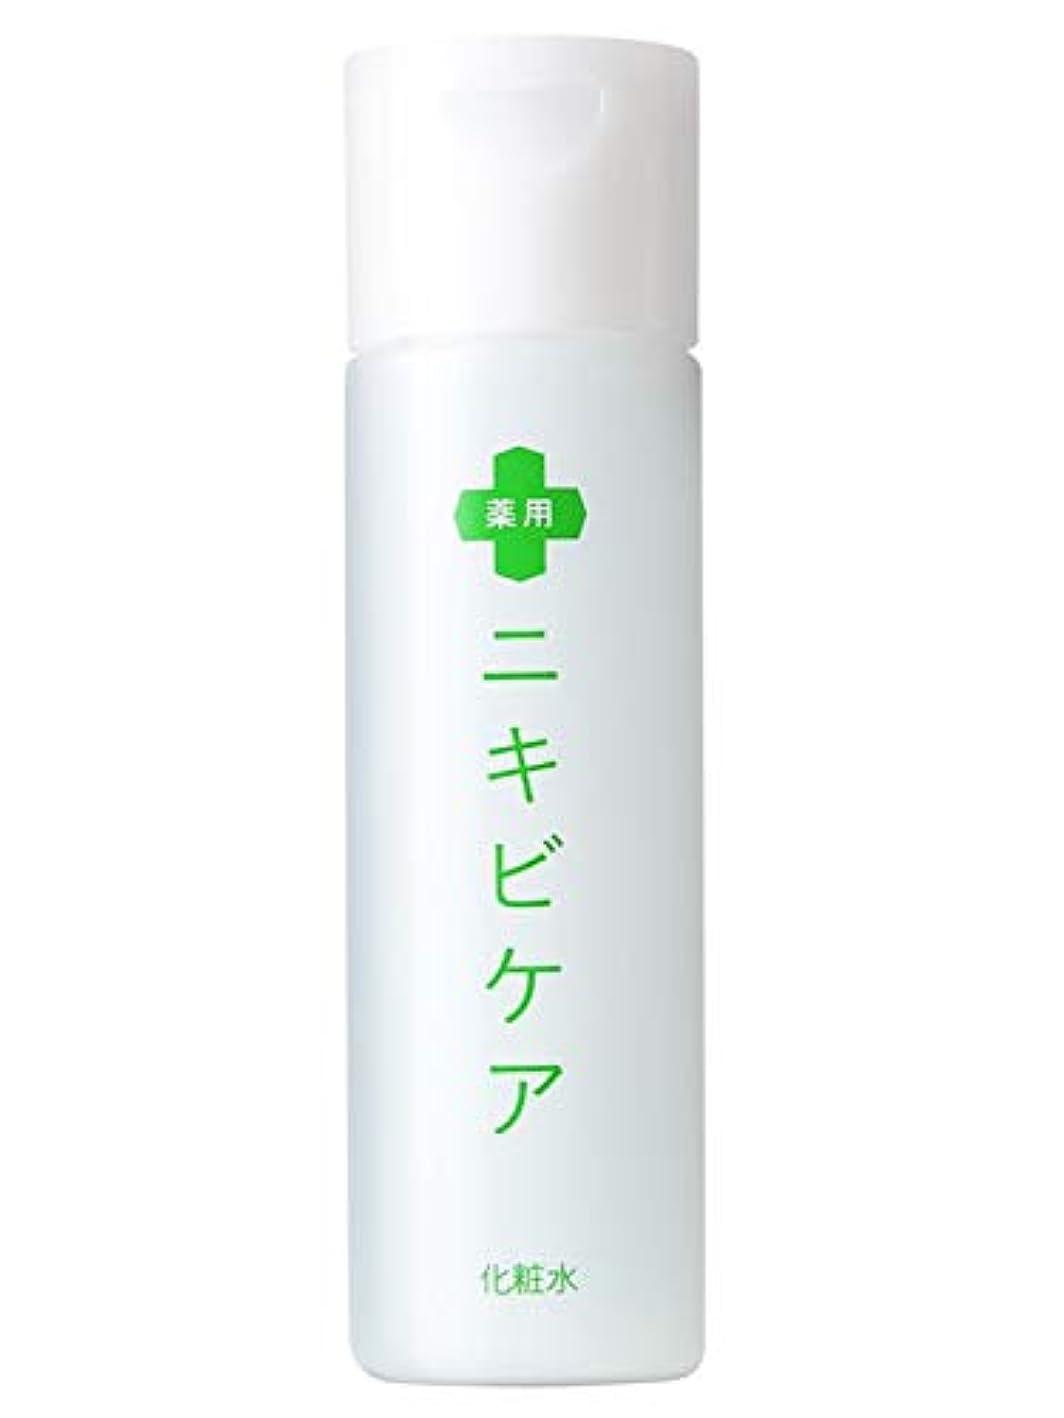 ことわざ正確な熟達した医薬部外品 薬用 ニキビケア 化粧水 大人ニキビ 予防「 あご おでこ 鼻 ニキビ アクネ 対策」「 肌をひきしめサラサラに 」「 コラーゲン プラセンタ 配合 」 メンズ & レディース 120ml